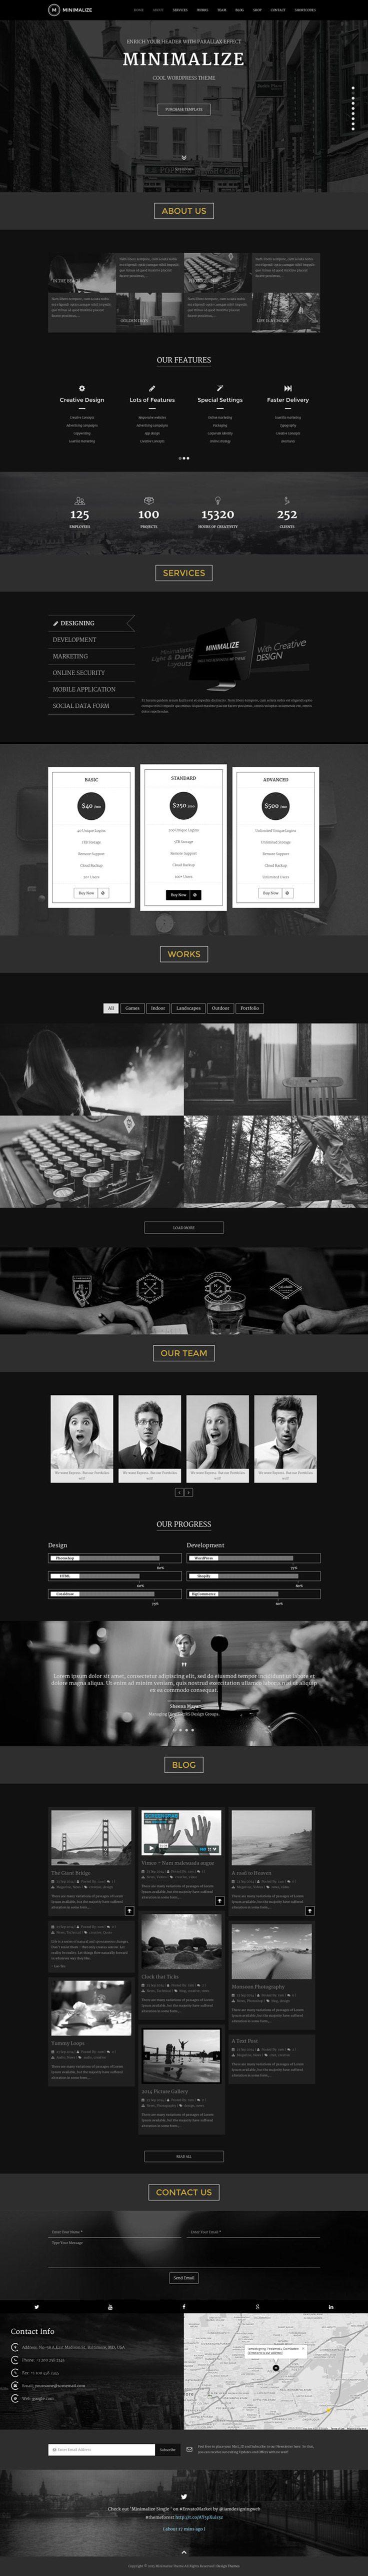 Minimalize | Single Page Theme